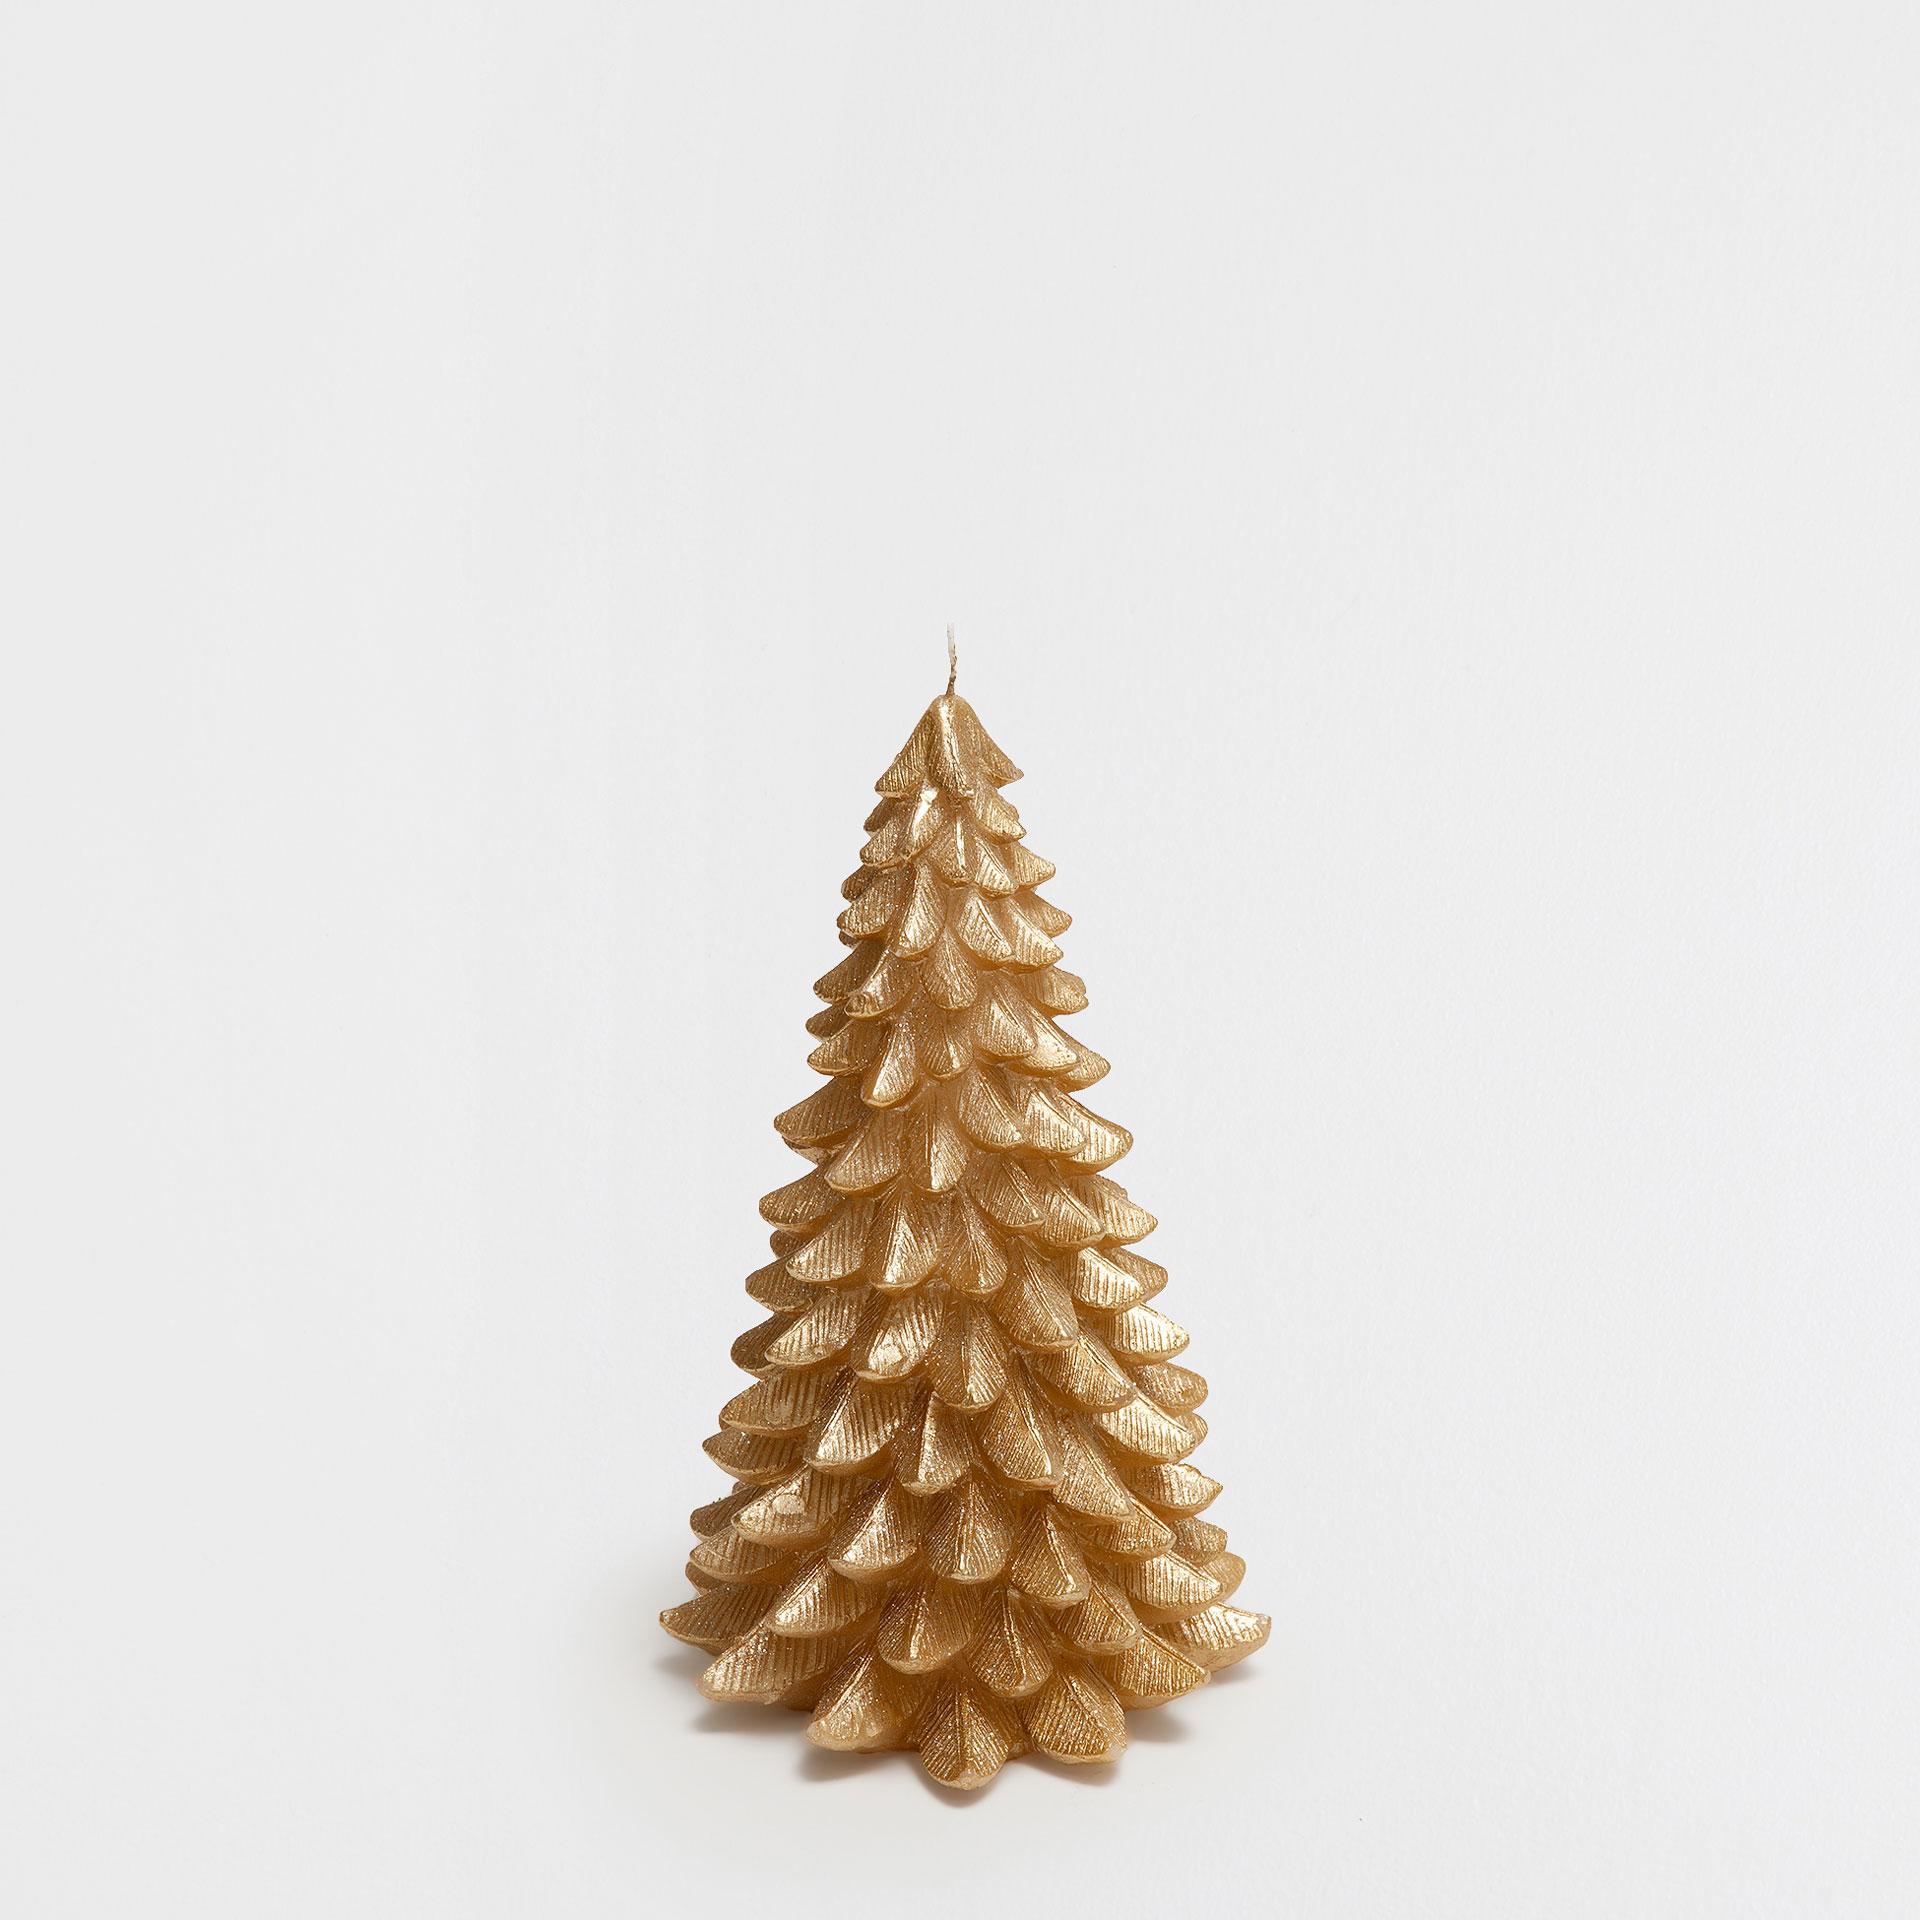 Zara Home Natale 2016, foto e prezzi